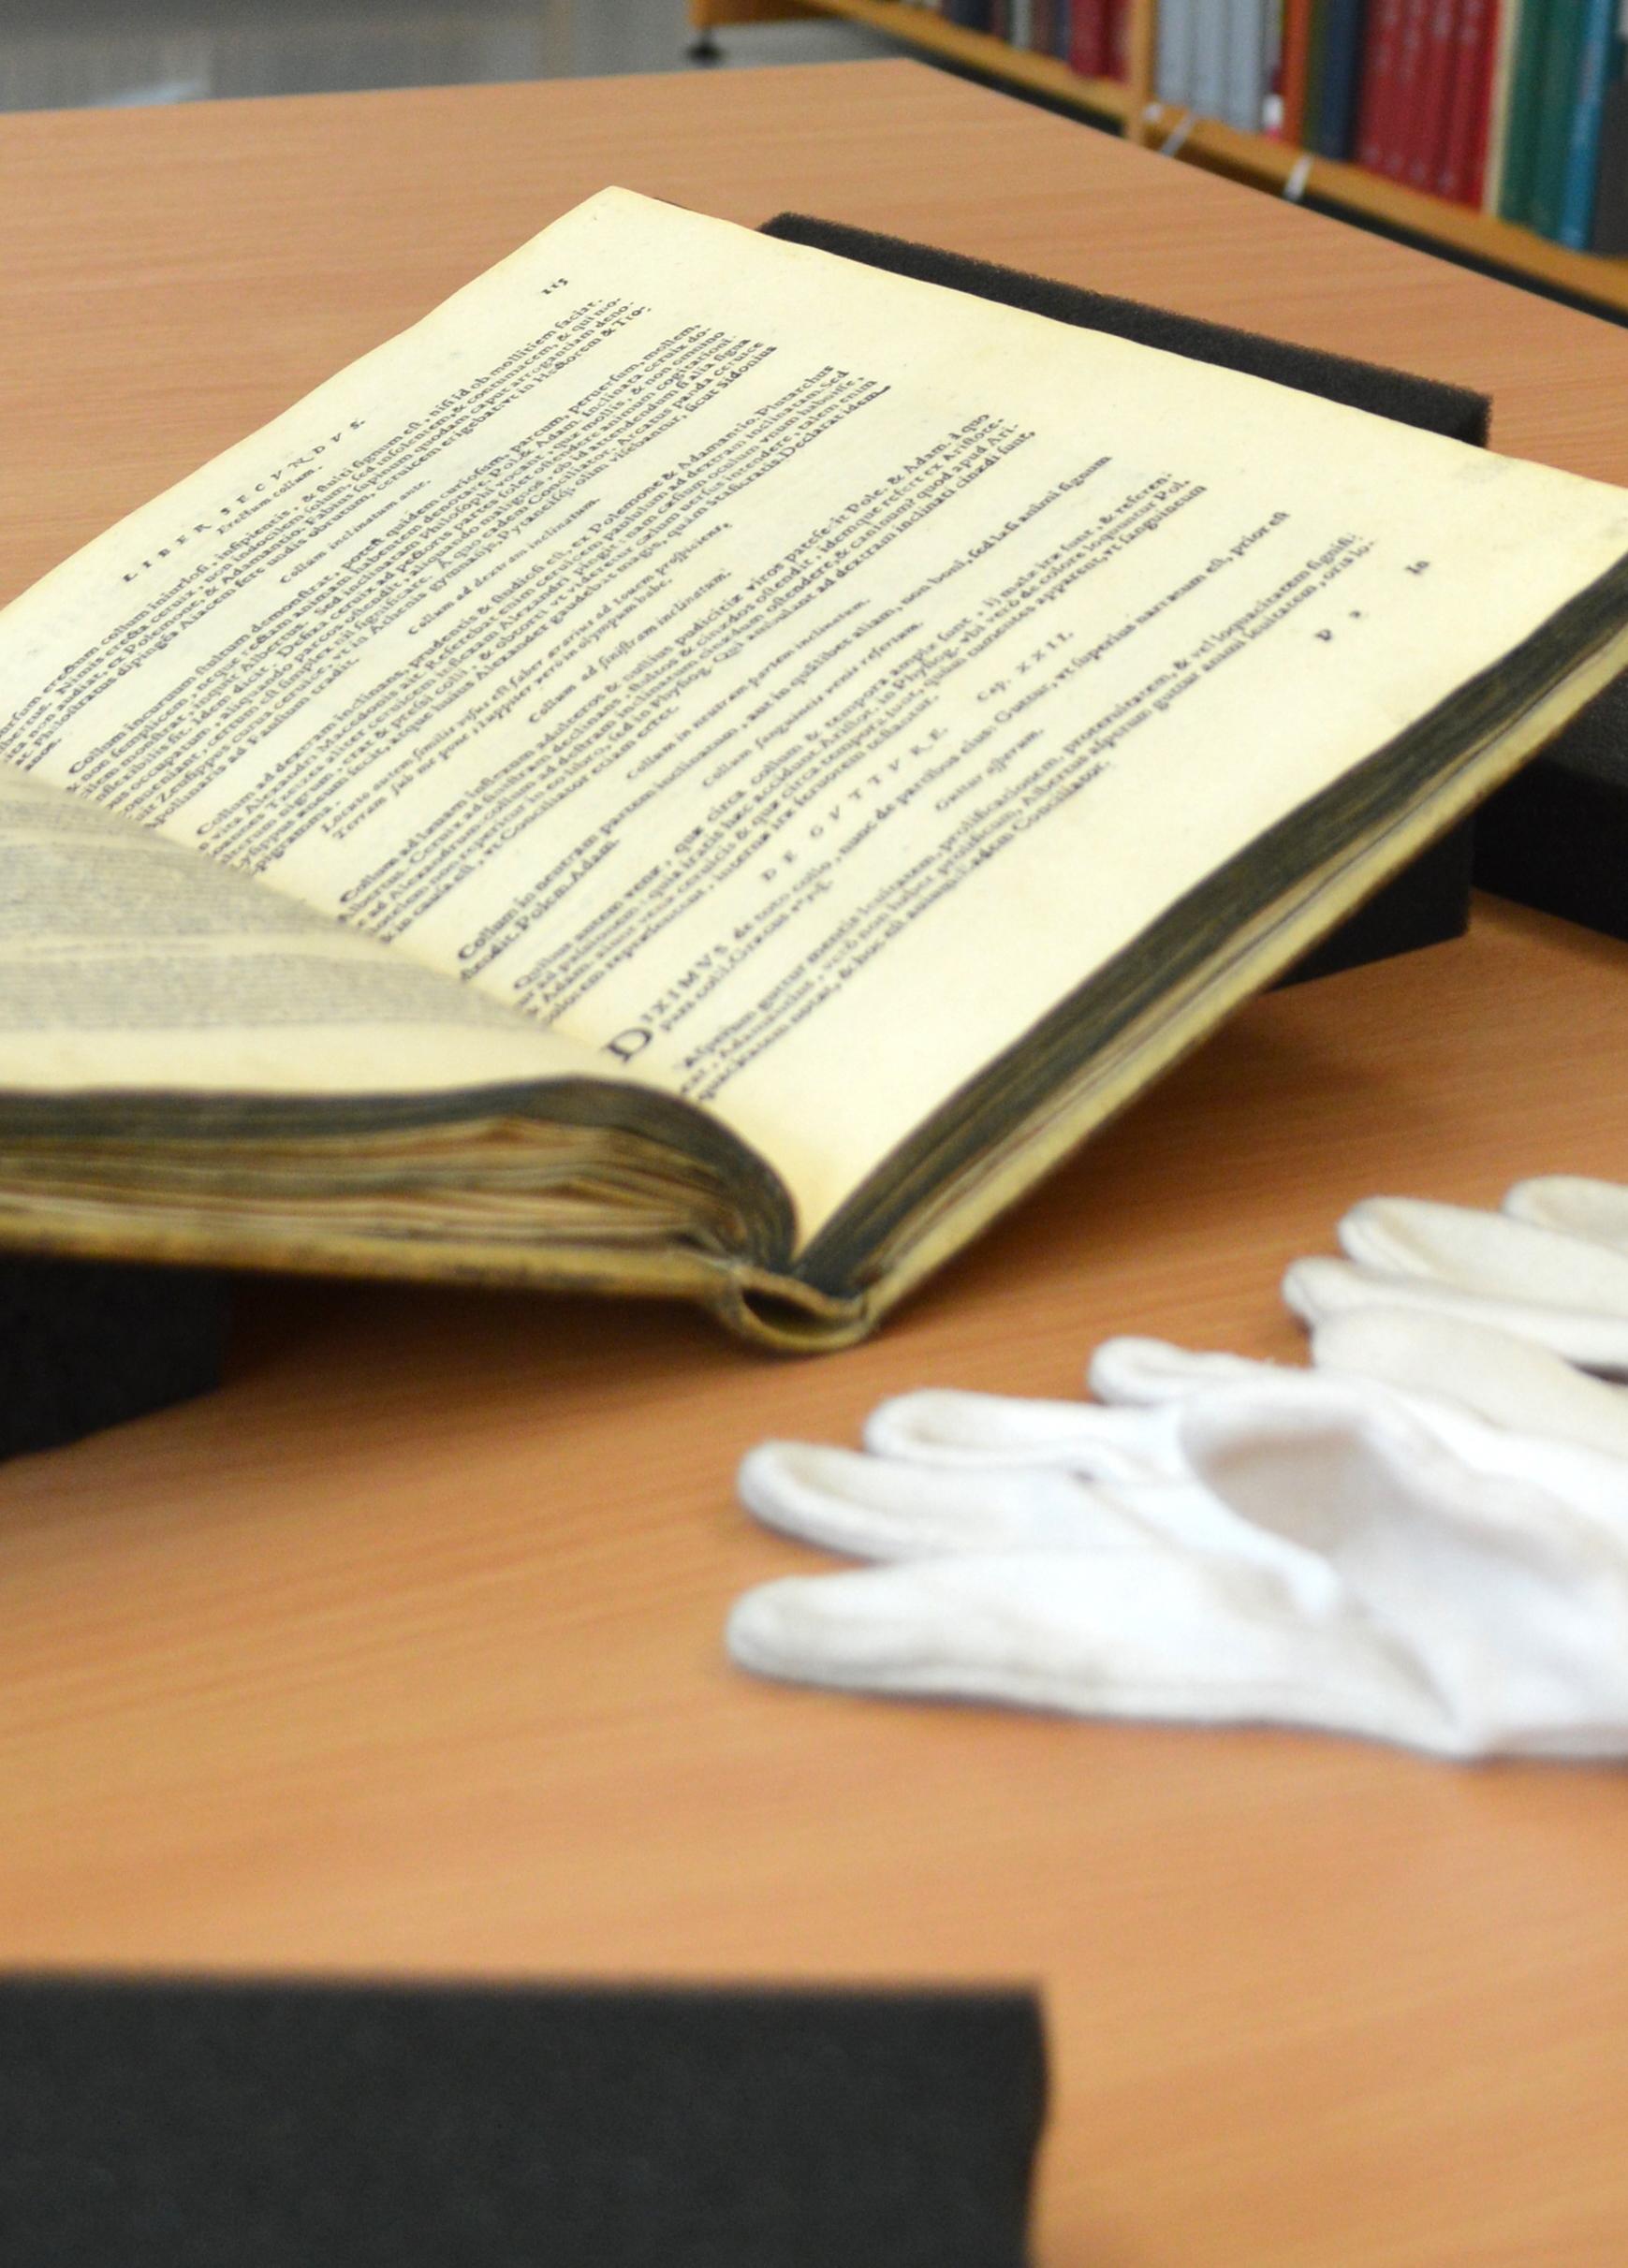 Bild zur Veranstaltung Tag der offenen Tür im Lesesaal Altes Buch